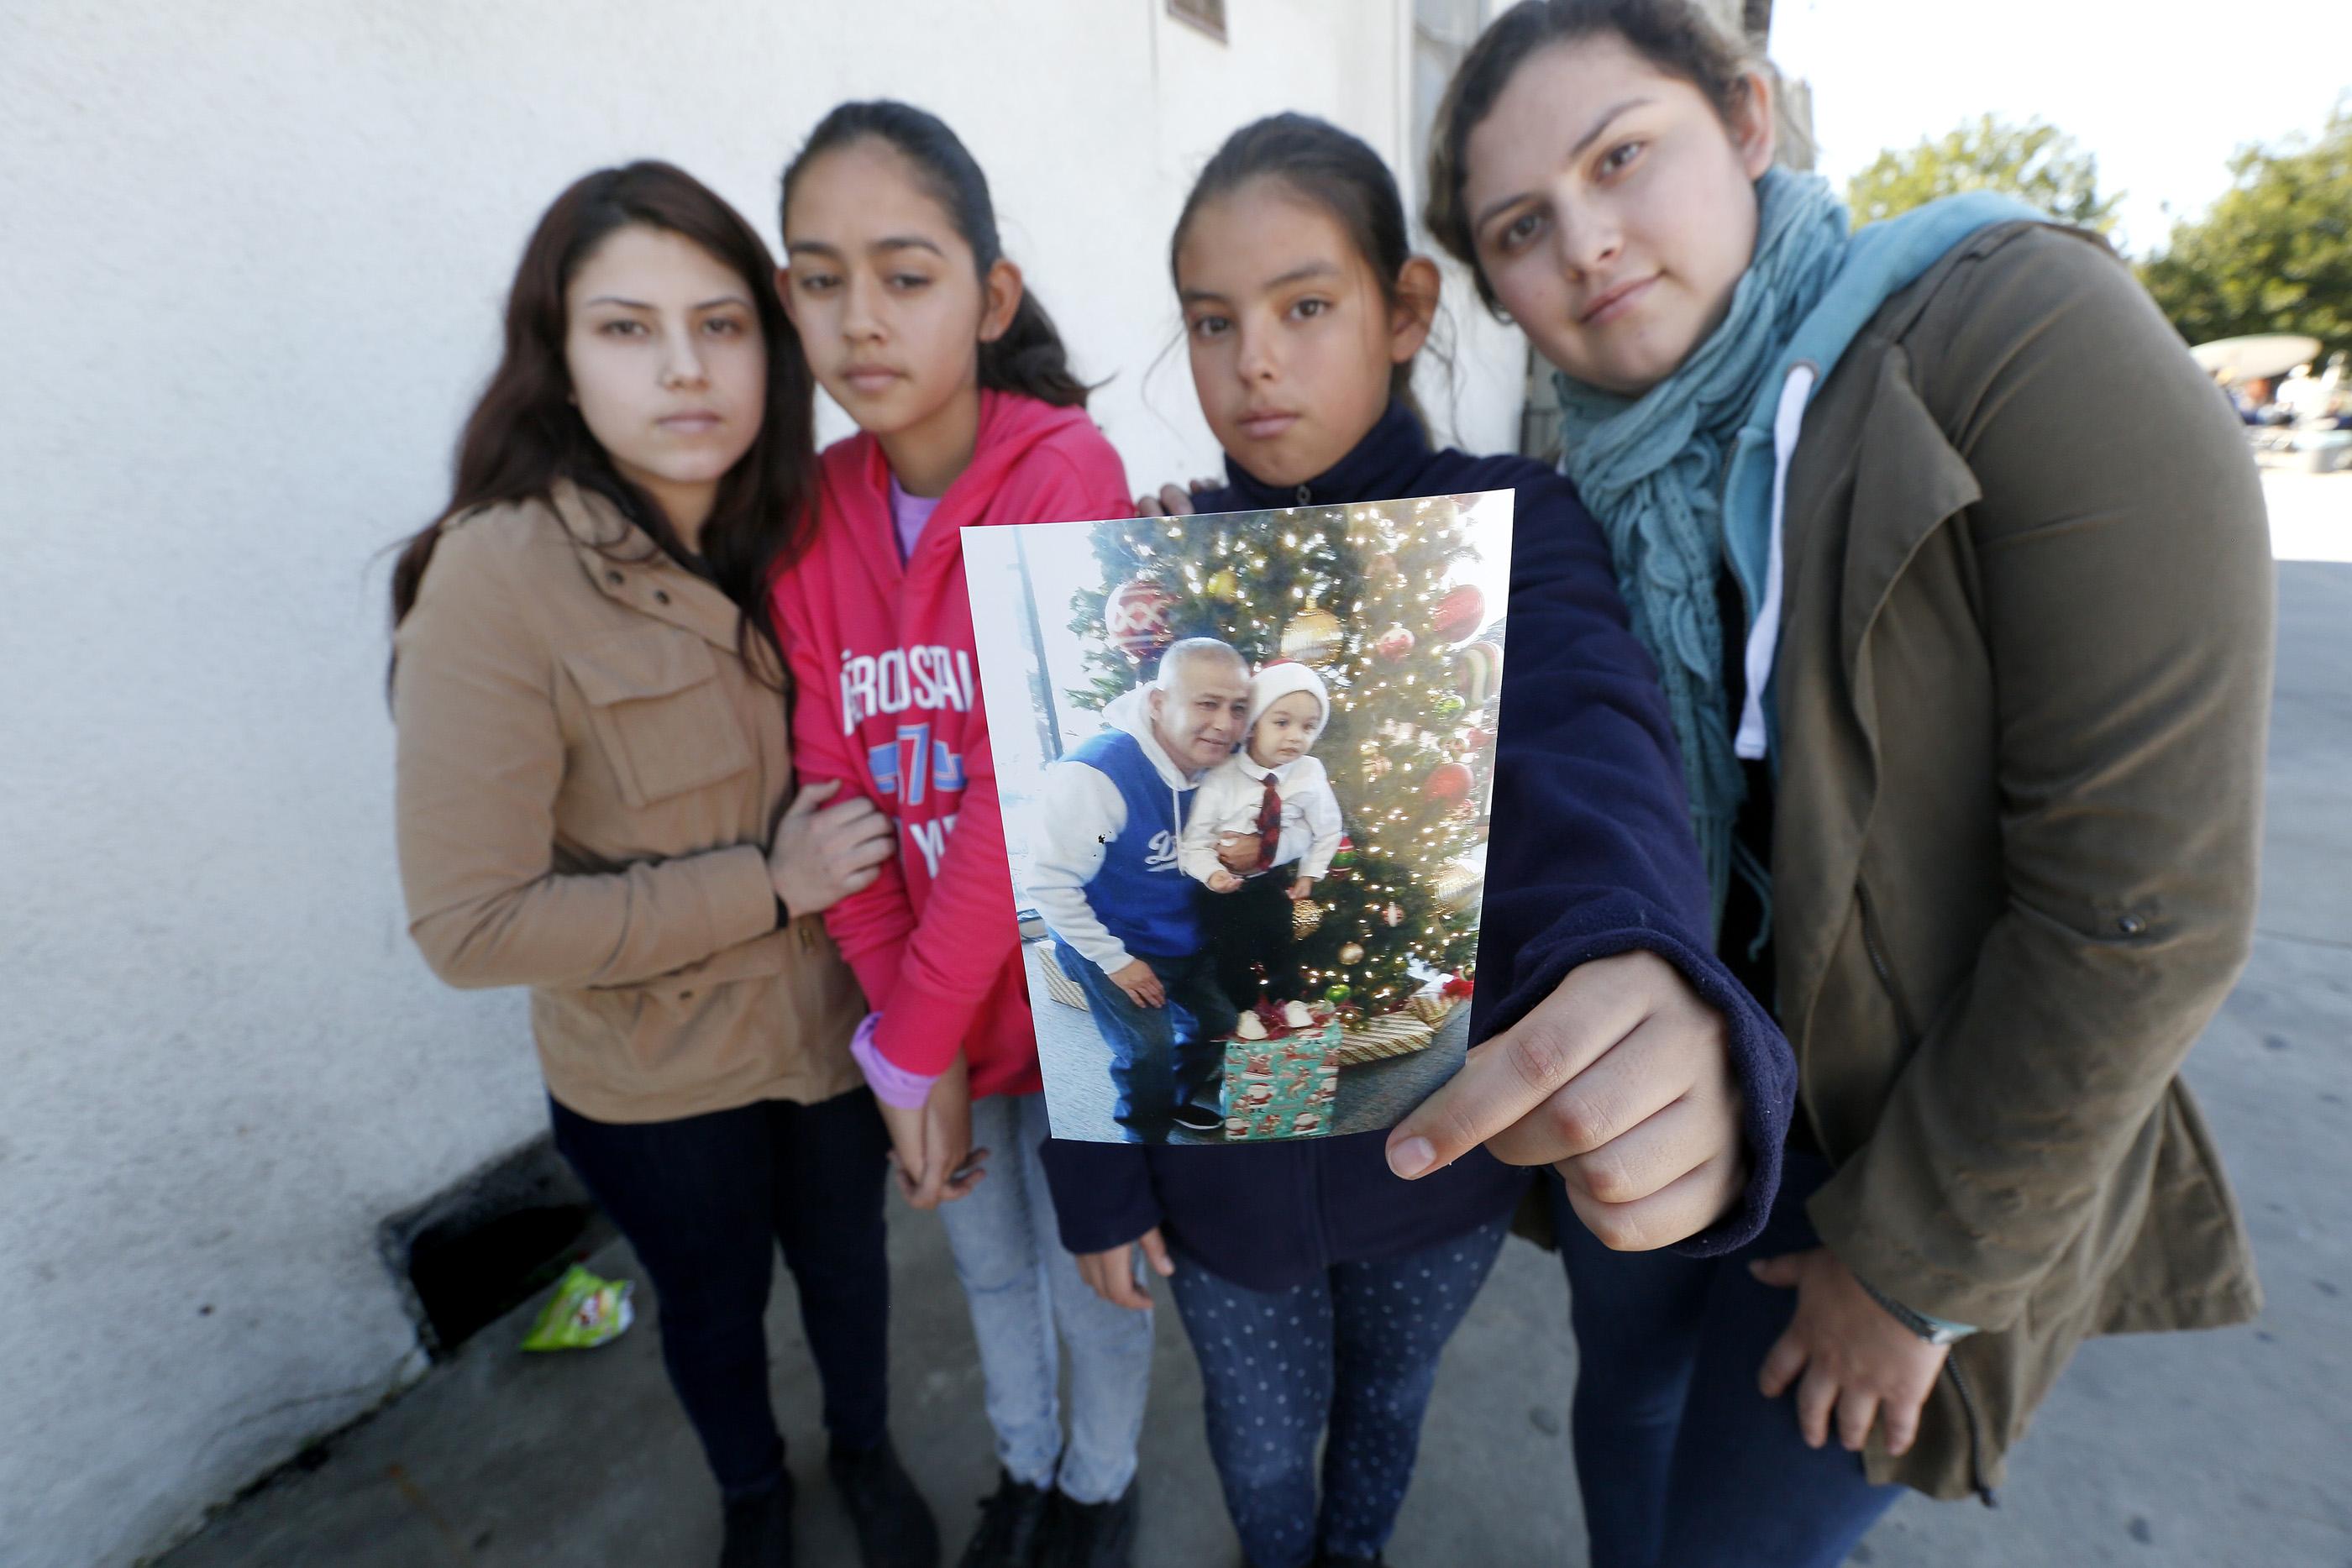 Brenda Avelica, de 24 años, junto a sus hermanas menores, Joselyn, de 19, Fatima de 13, y Yuleni, de 12, muestran una foto de su padre, Romulo Avelica, detenido mientras llevaba a sus hijas a la escuela. (Aurelia Ventura/La Opinion)